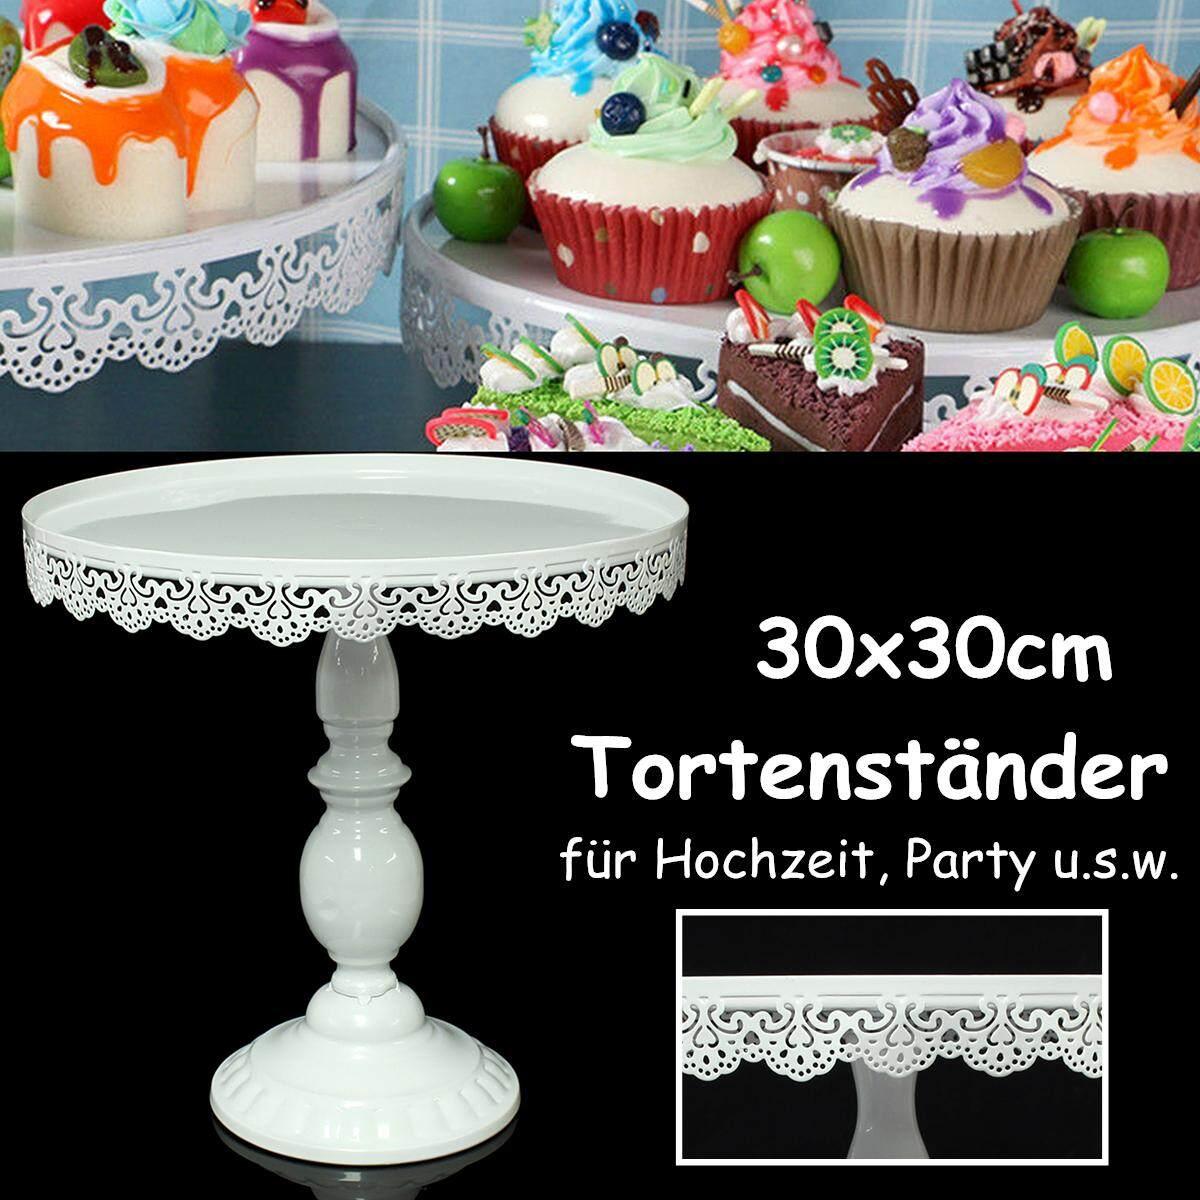 924b6efca3d7 30*30cm White Round Cake Cupcake Stand Modern Dessert Wedding Birthday  Party Event Decor